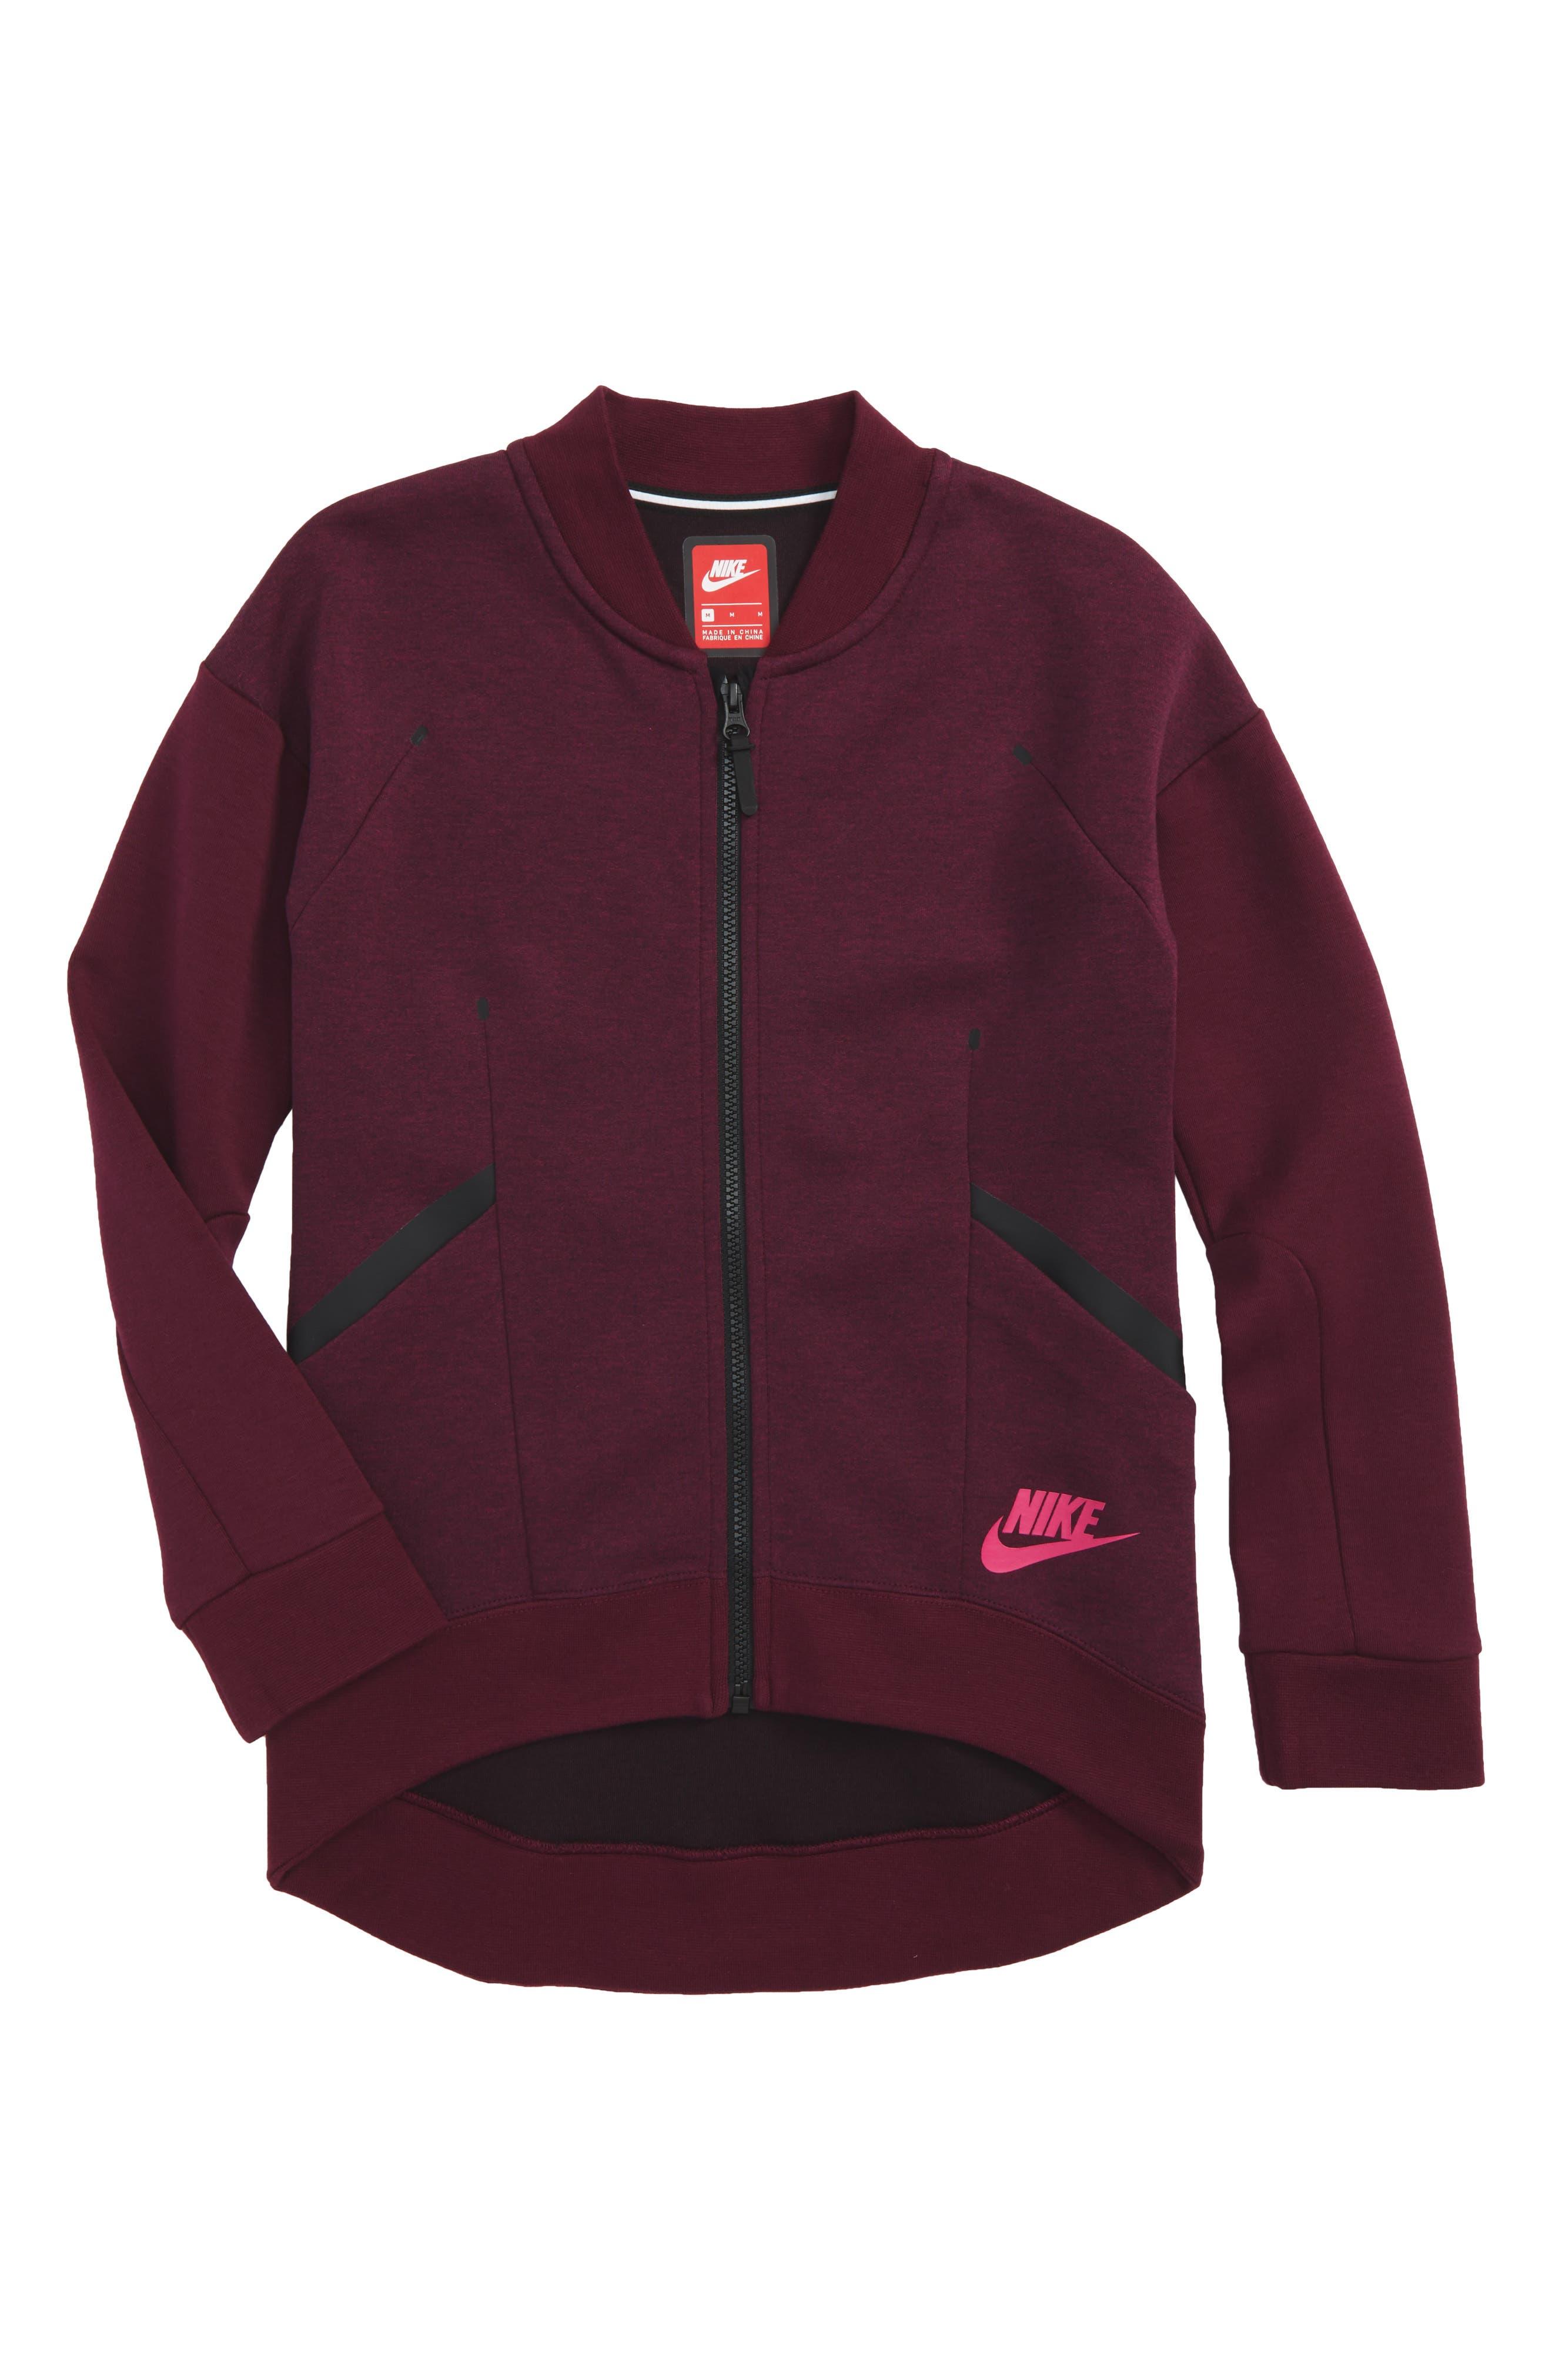 Alternate Image 1 Selected - Nike Tech Fleece Zip Jacket (Big Girls)